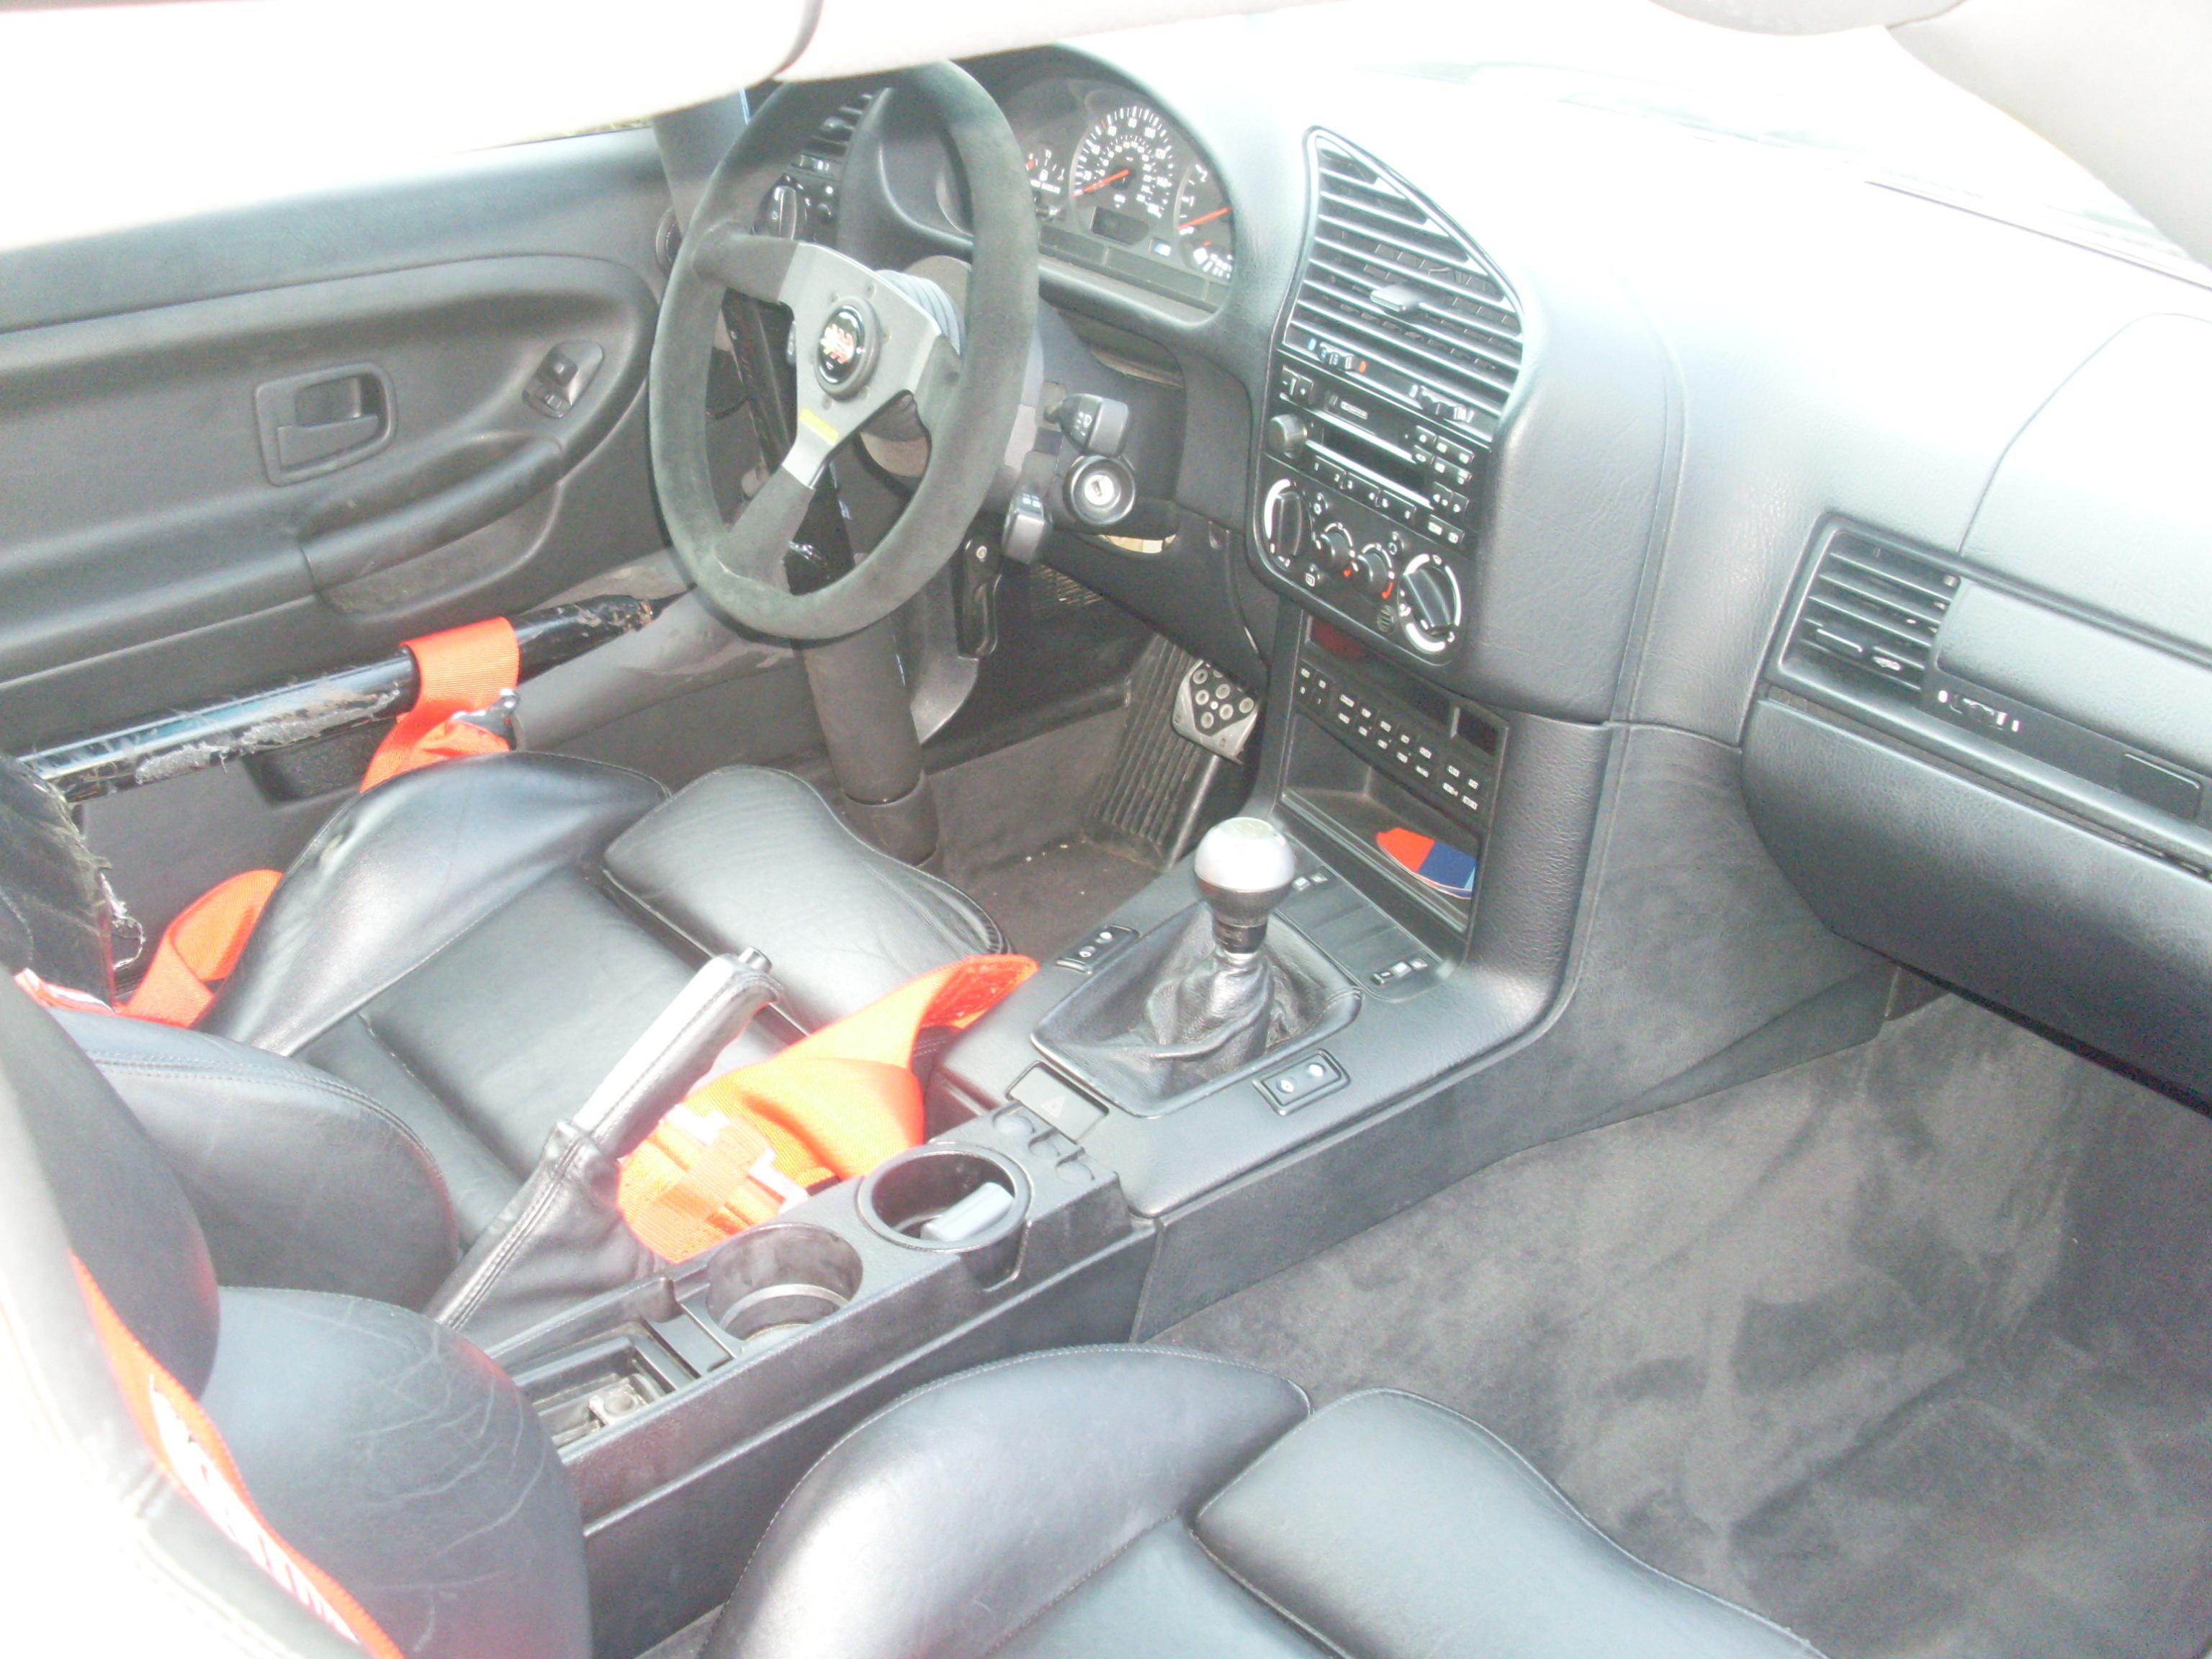 MY95 E36 M3 Track/Street Car-e36-m3-002.jpg